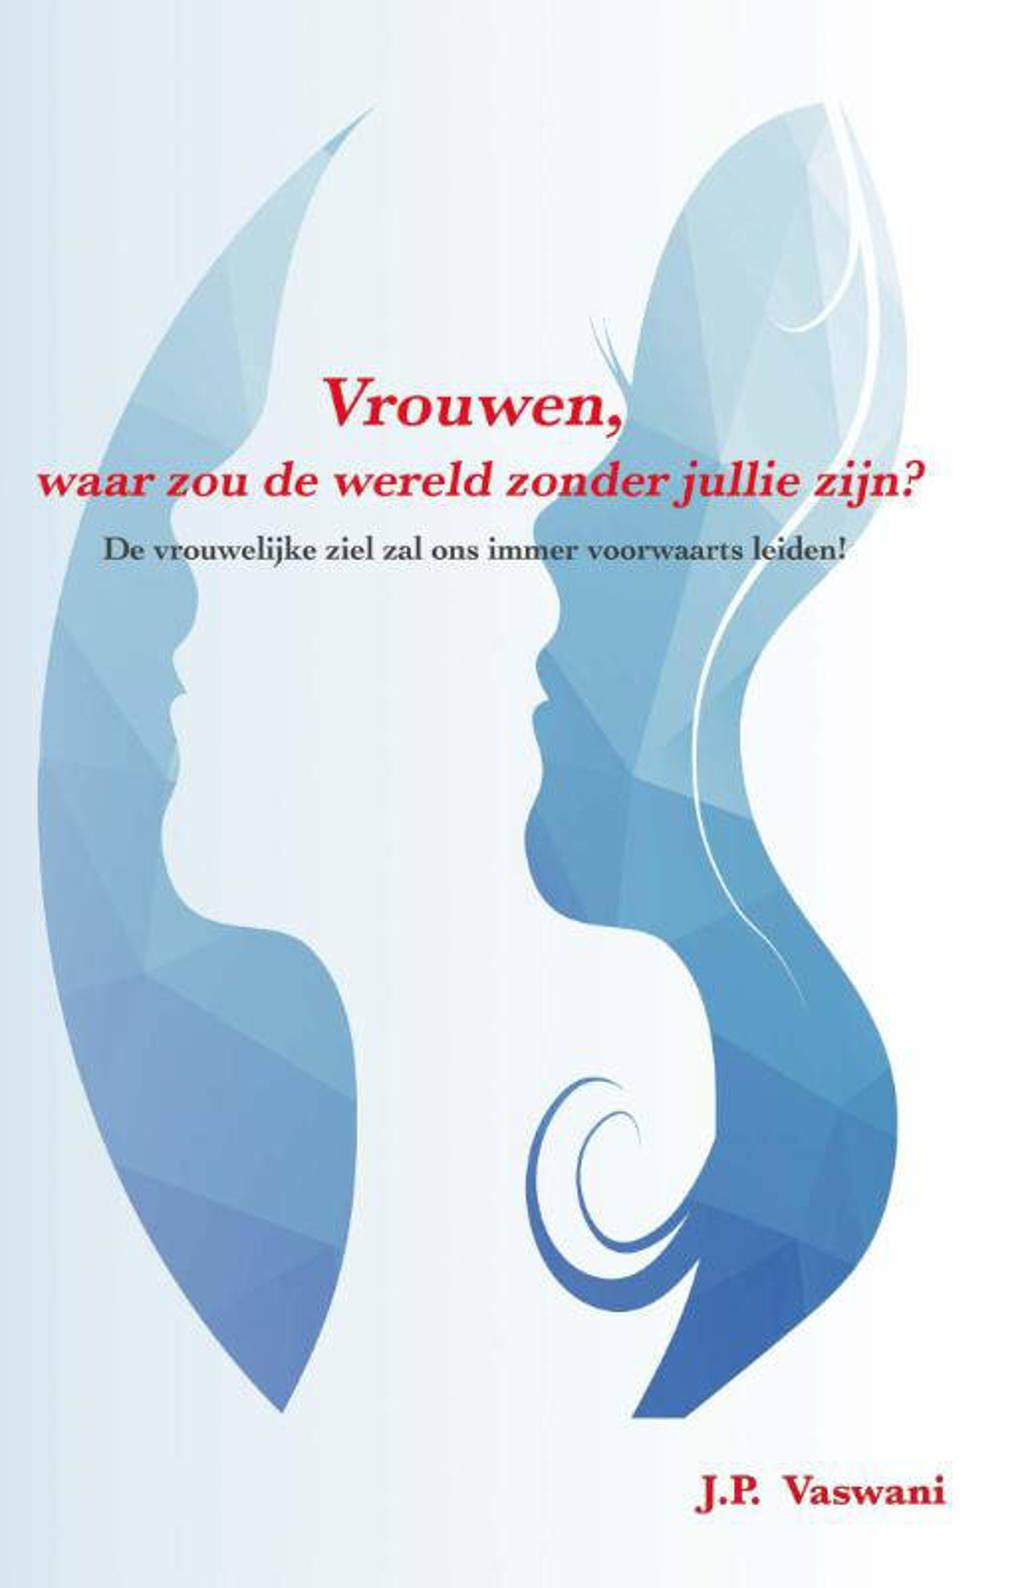 Vrouwen, waar zou de wereld zonder jullie zijn? - J.P. Vaswani